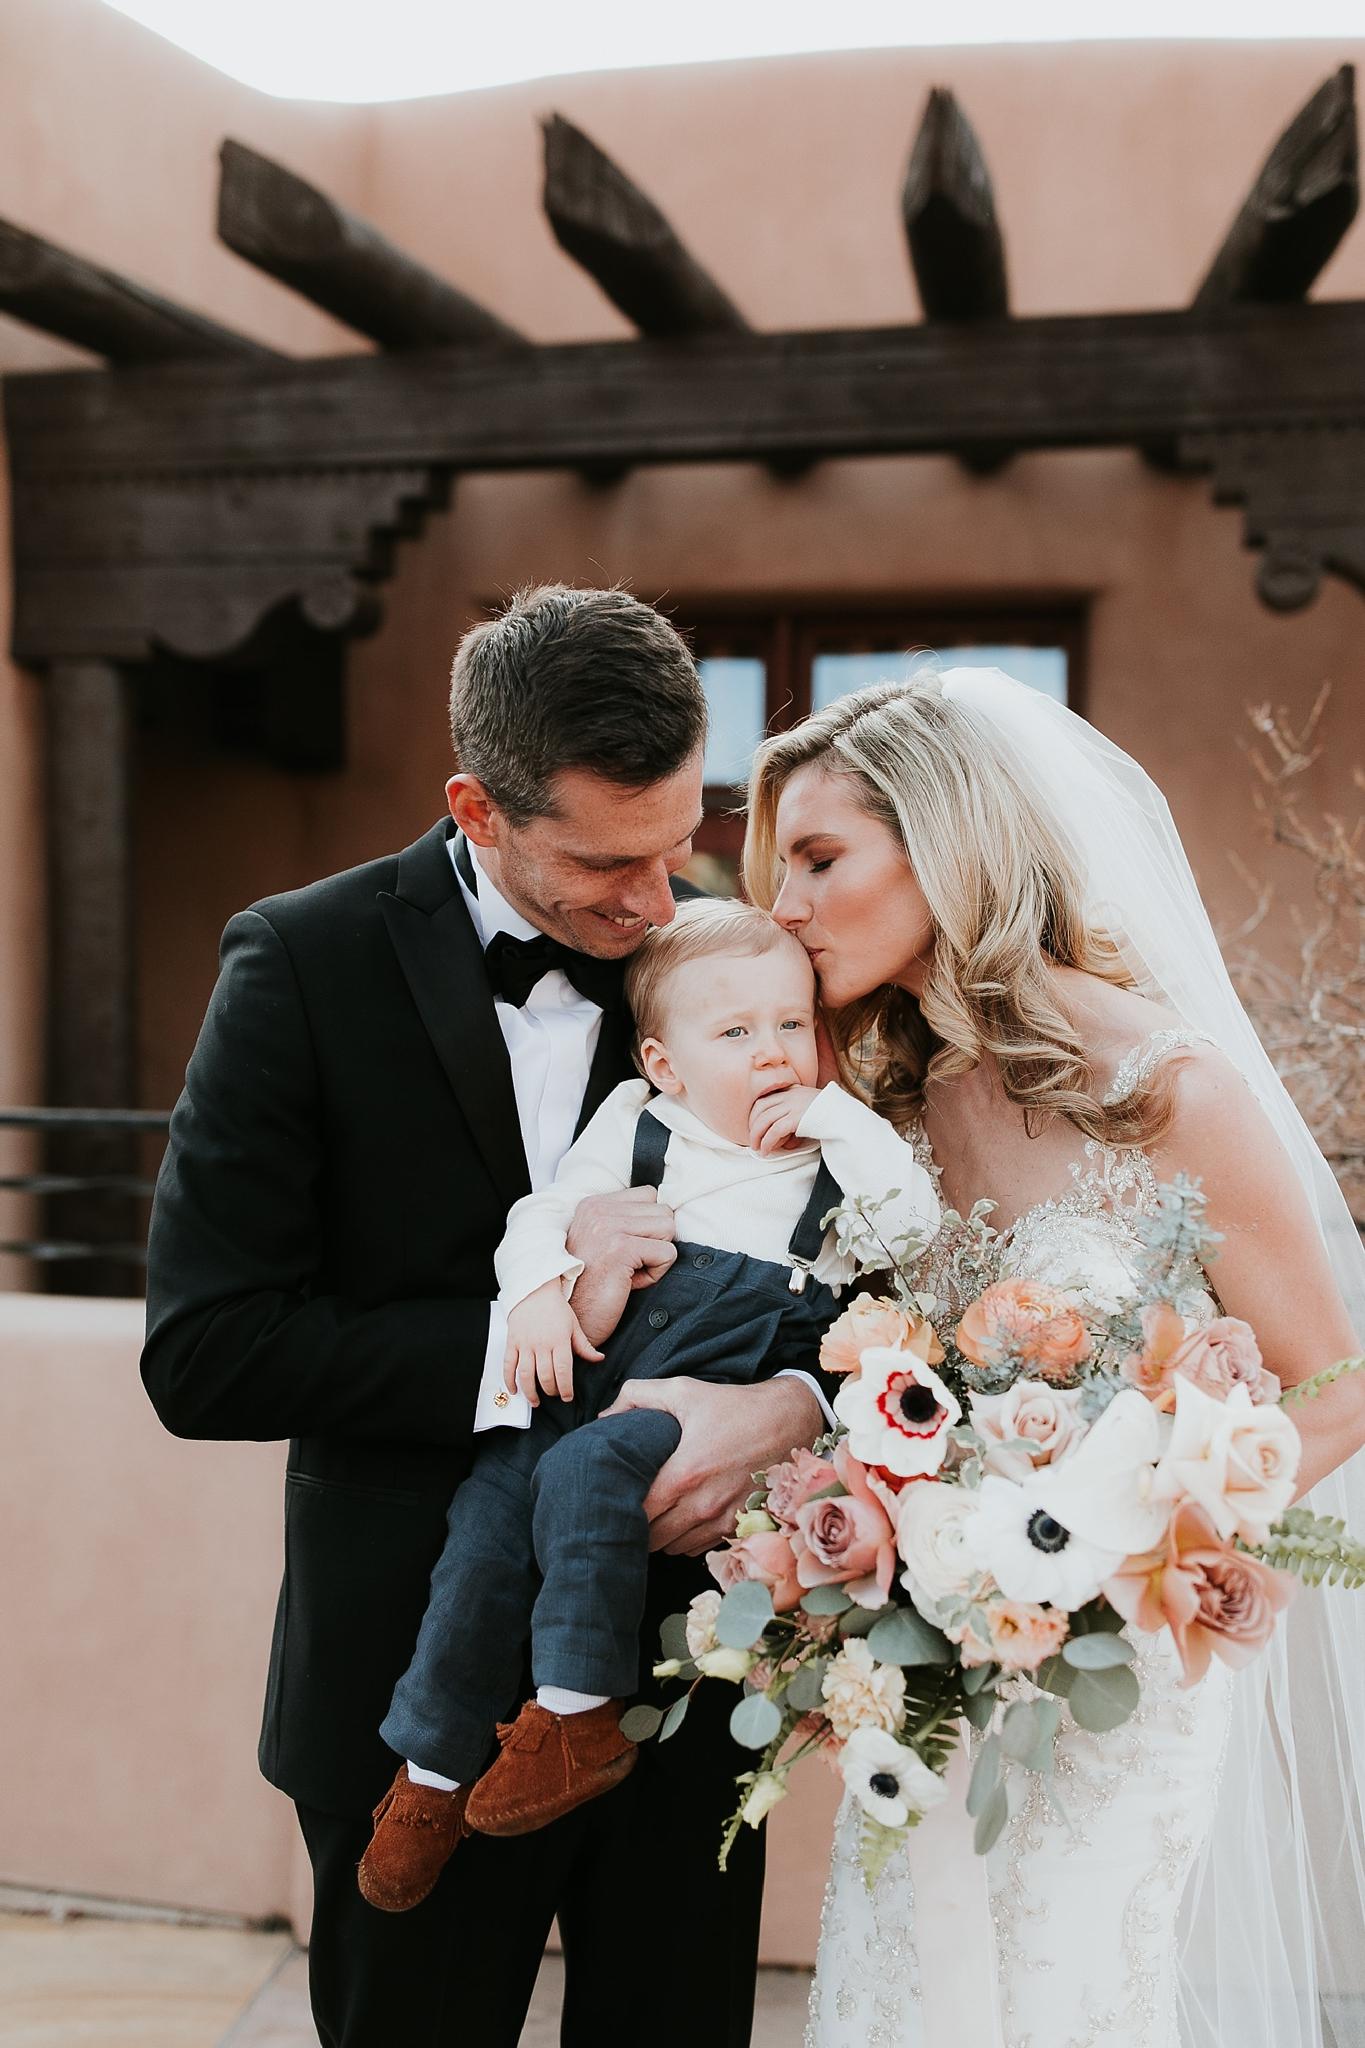 Alicia+lucia+photography+-+albuquerque+wedding+photographer+-+santa+fe+wedding+photography+-+new+mexico+wedding+photographer+-+new+mexico+florist+-+wedding+florist+-+renegade+floral_0064.jpg